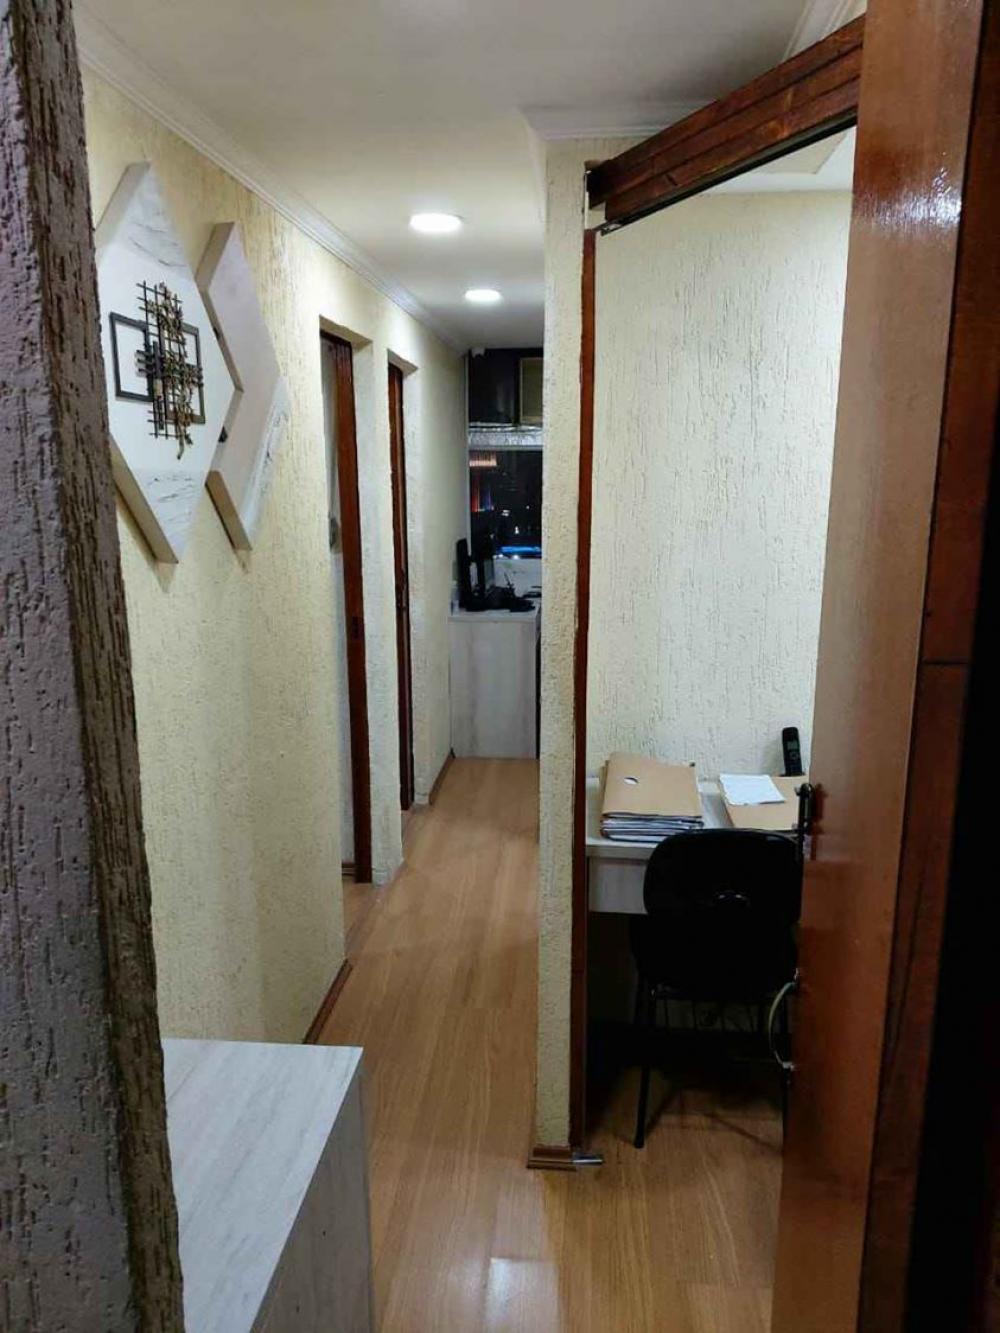 Comprar Apartamento / Loft em São Paulo R$ 175.000,00 - Foto 2